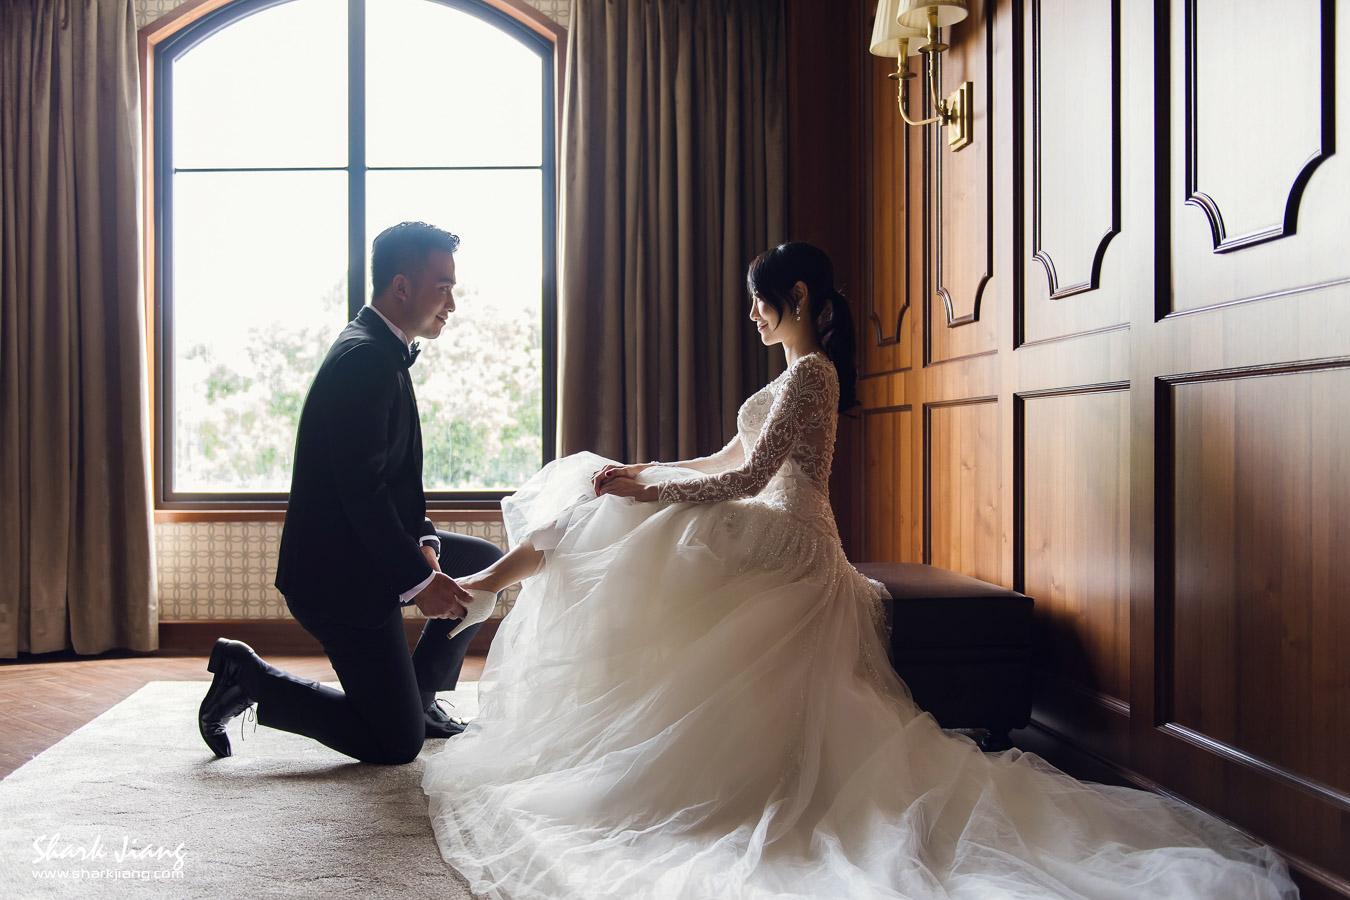 婚攝,翡麗詩莊園,戶外婚禮,教堂婚禮,婚禮紀錄,婚禮攝影